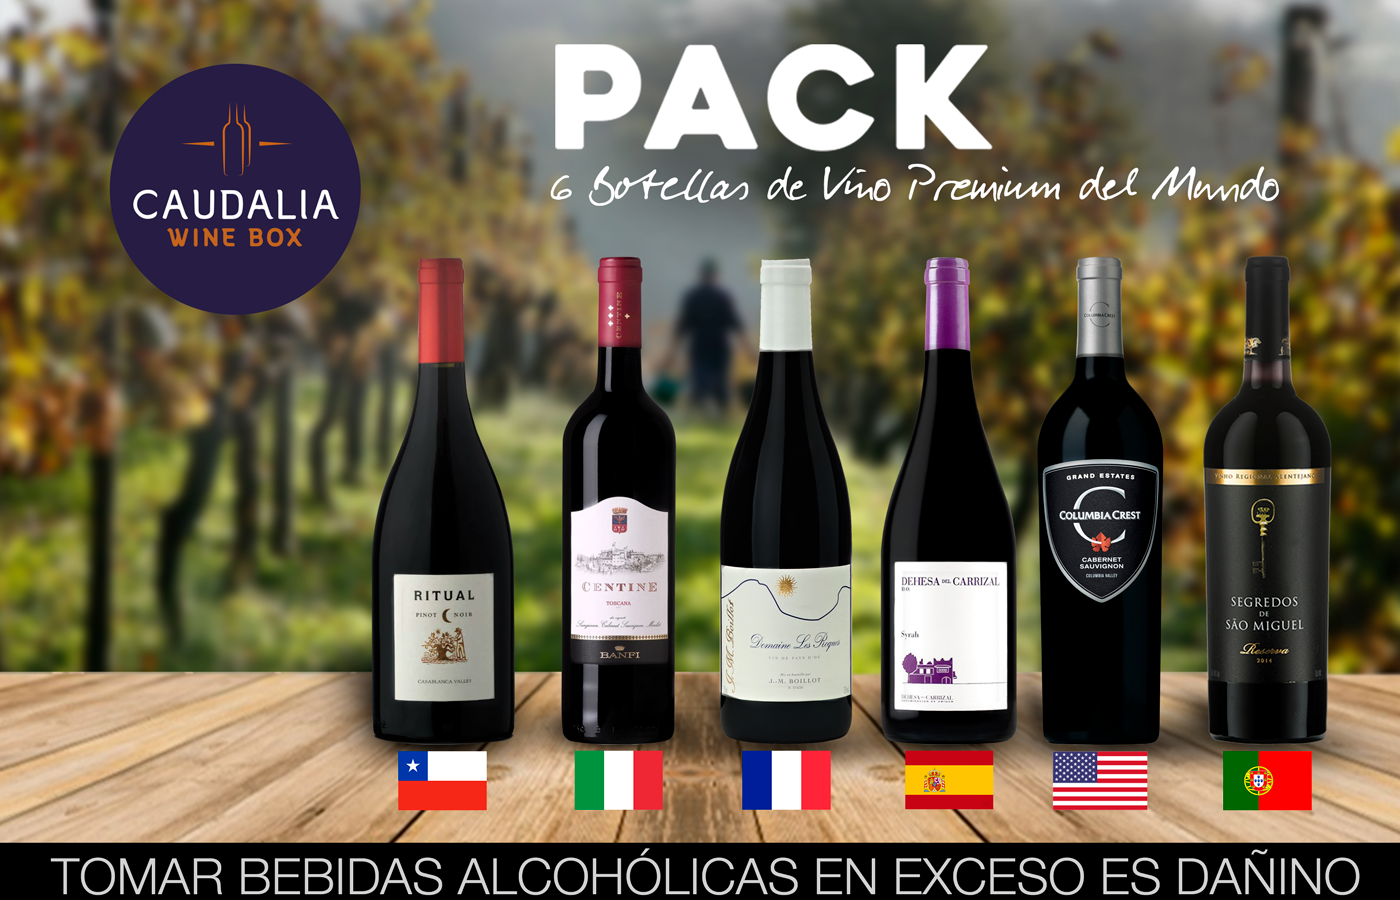 Pack especial de 6 vinos Premium del mundo